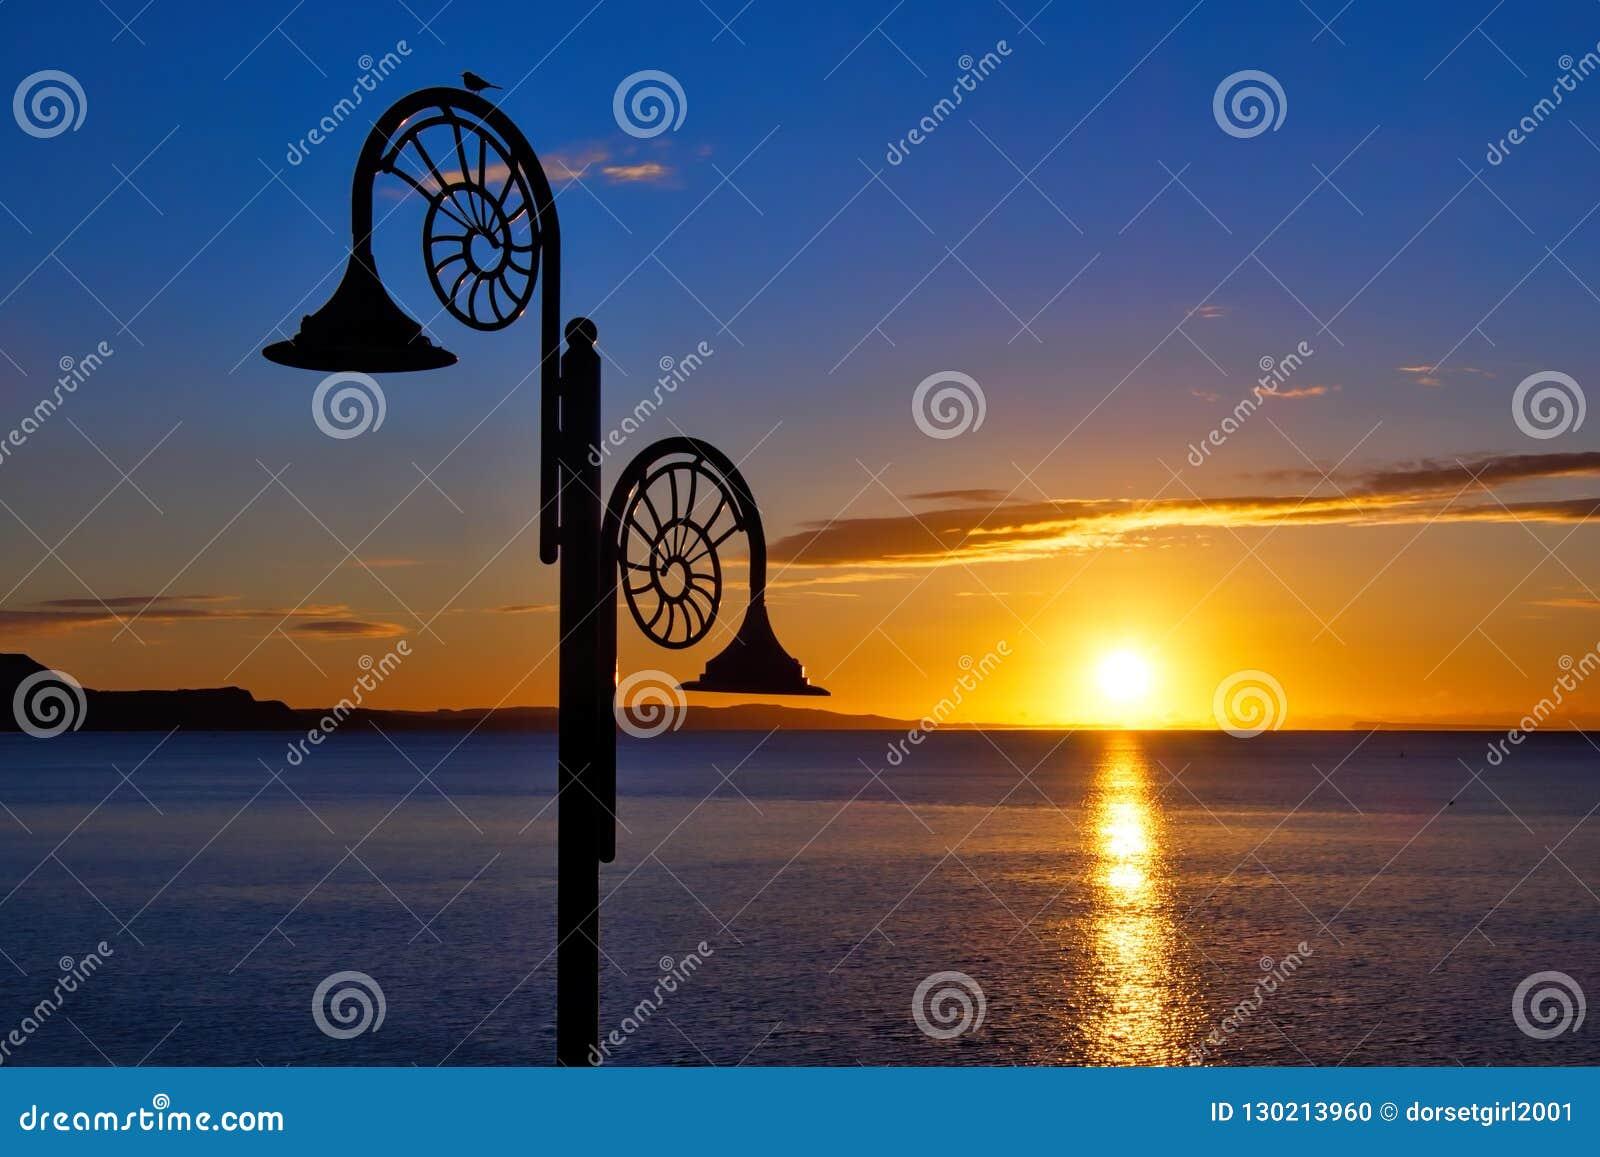 Nautilus Sunrise At Lyme Regis